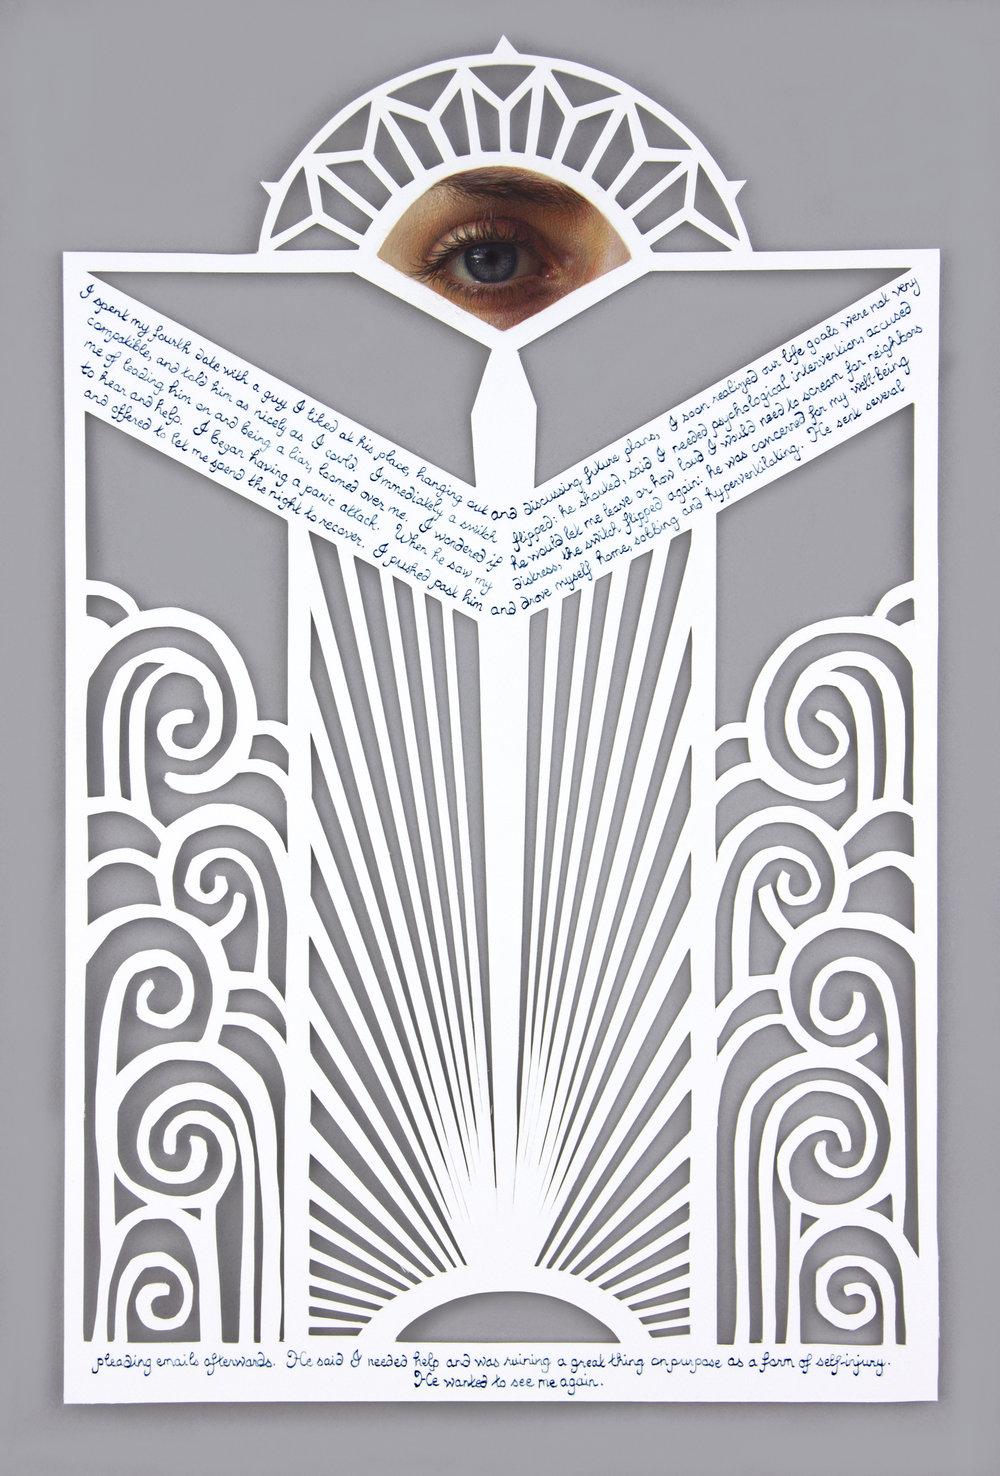 Lover's Eye no. 18